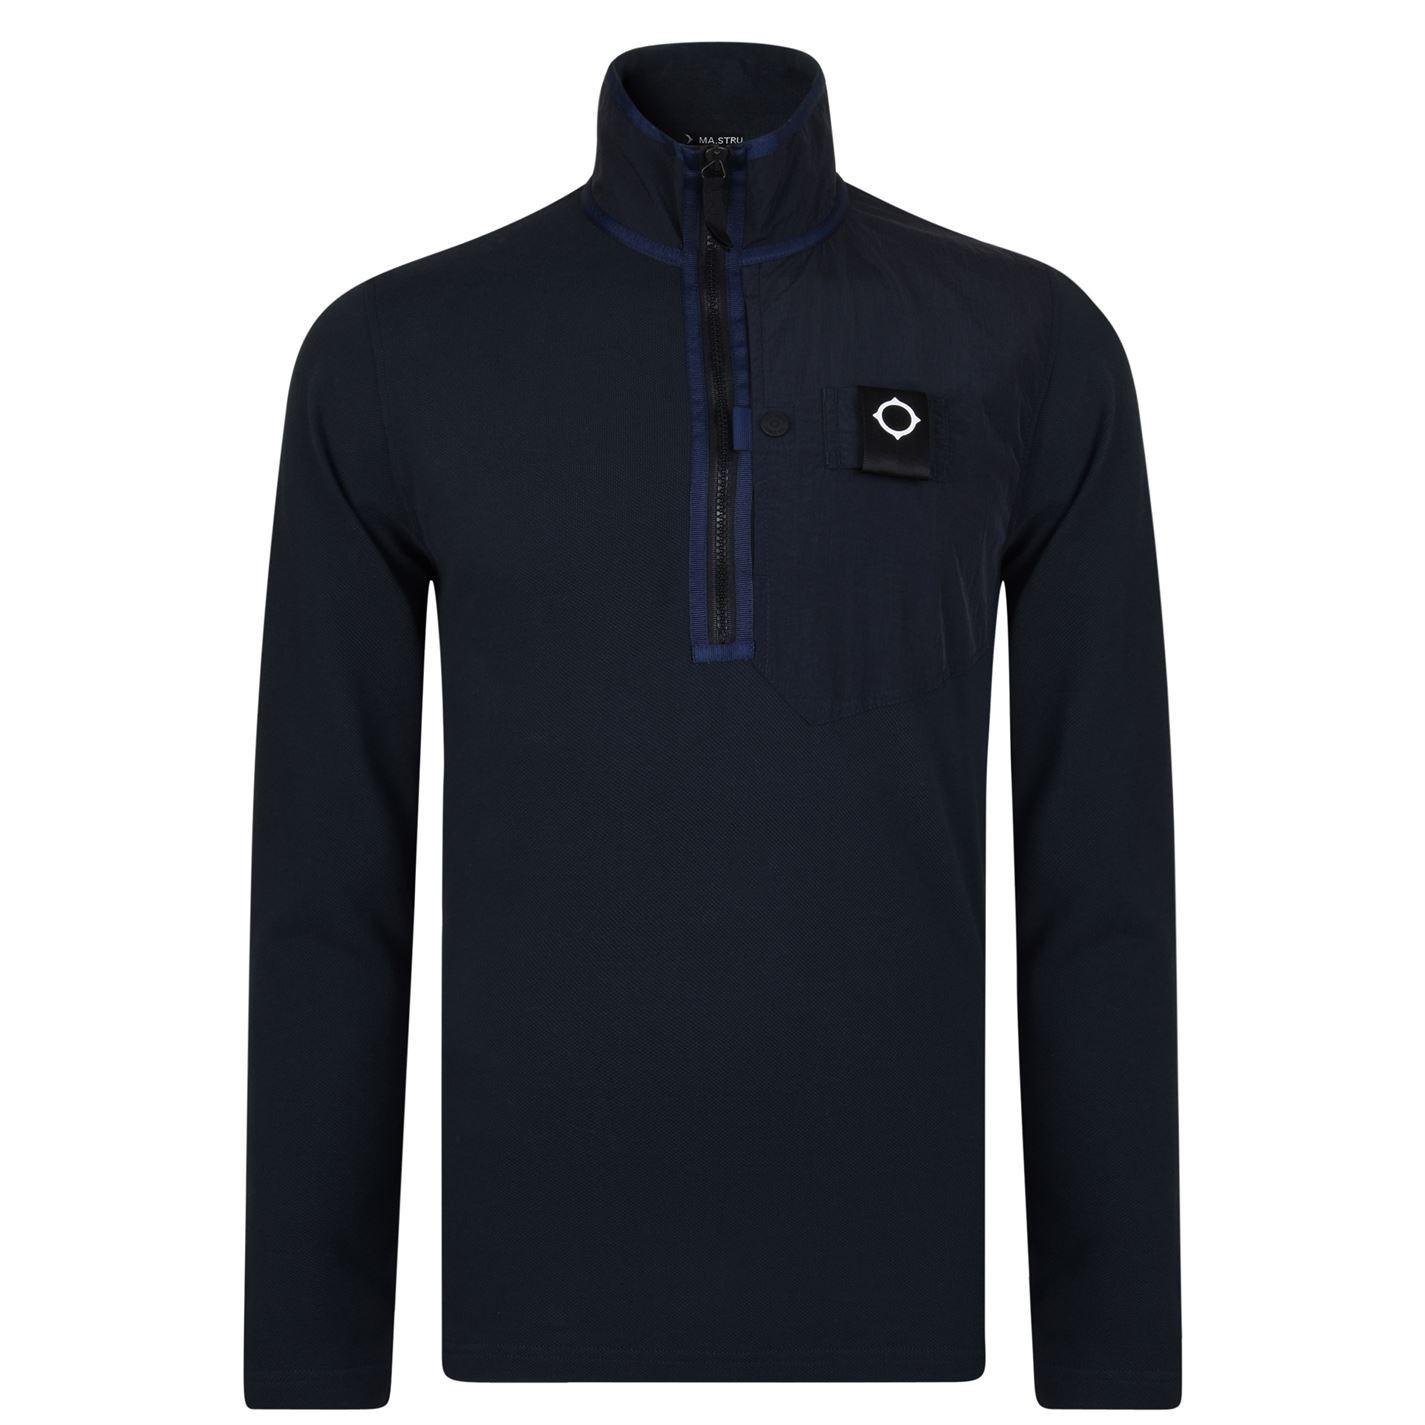 Herren Ma Strum Sweatshirt Zip Long Sleeved Sweatshirt Strum Quarter Fleece Top Sleeve New c09c9e